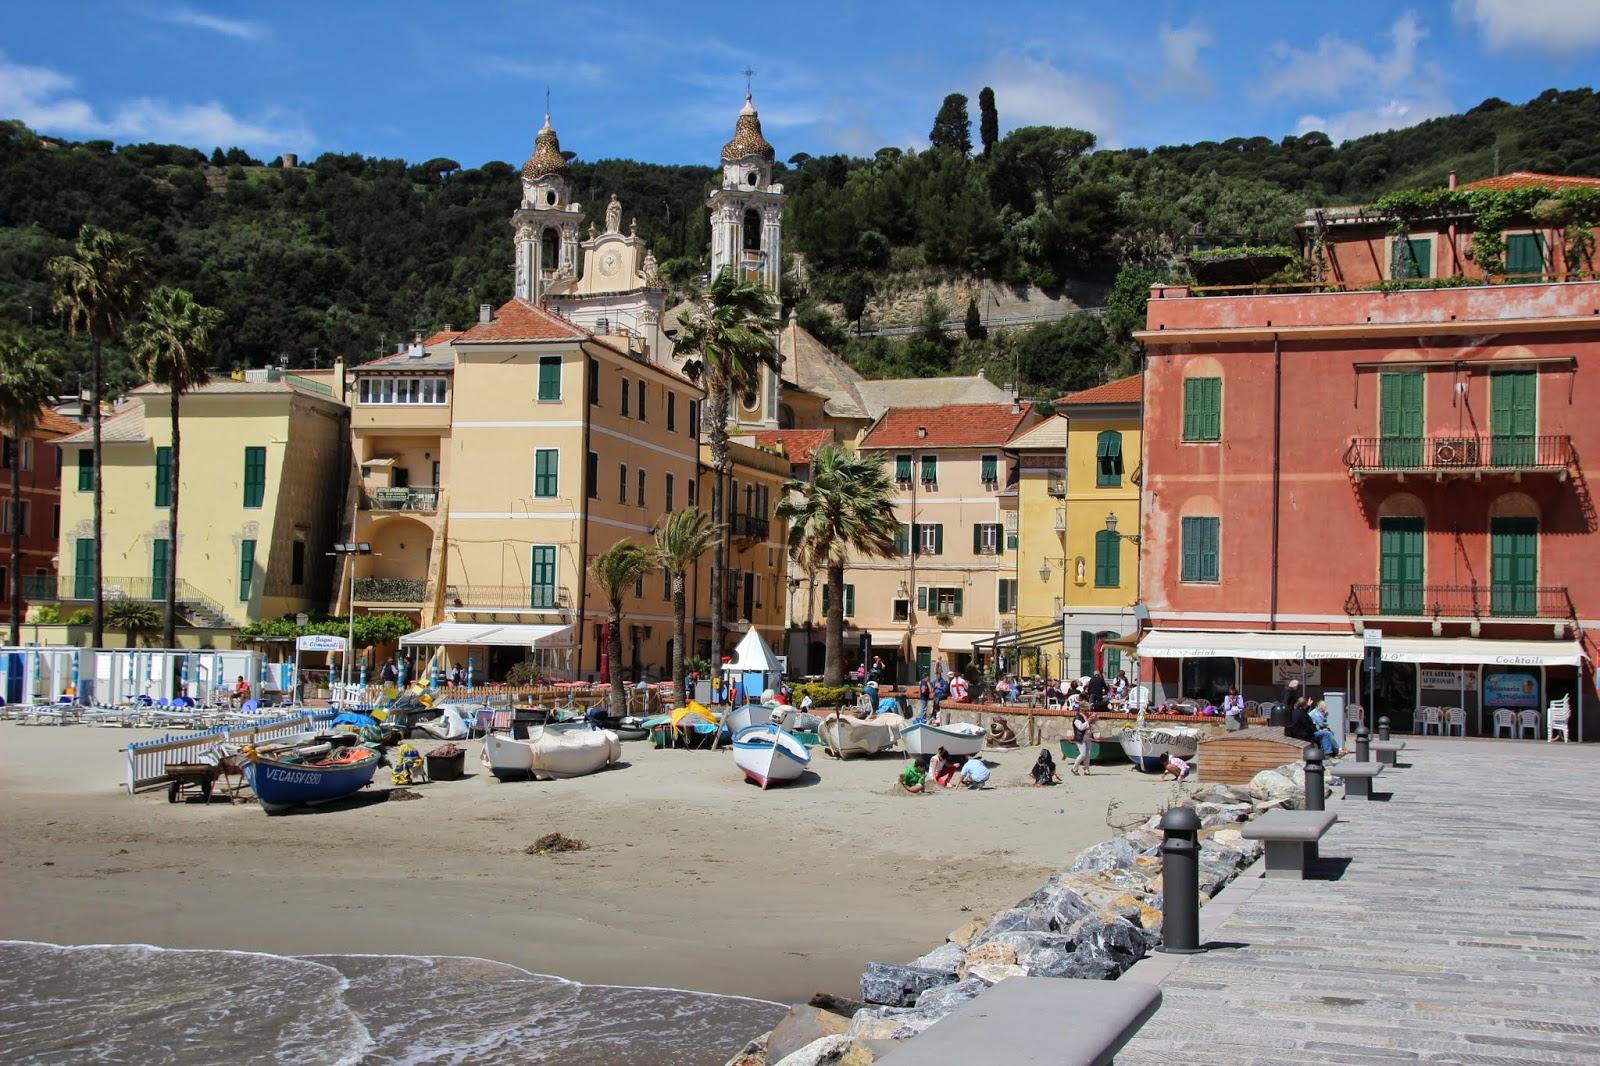 Particuliere vakantiehuizen bloemenrivièra & vakantiehuis bloemenrivièra particulier (Bekijk het grootste aanbod particulieren vakantiehuizen op: www.italiaansebloemenriviera.nl)